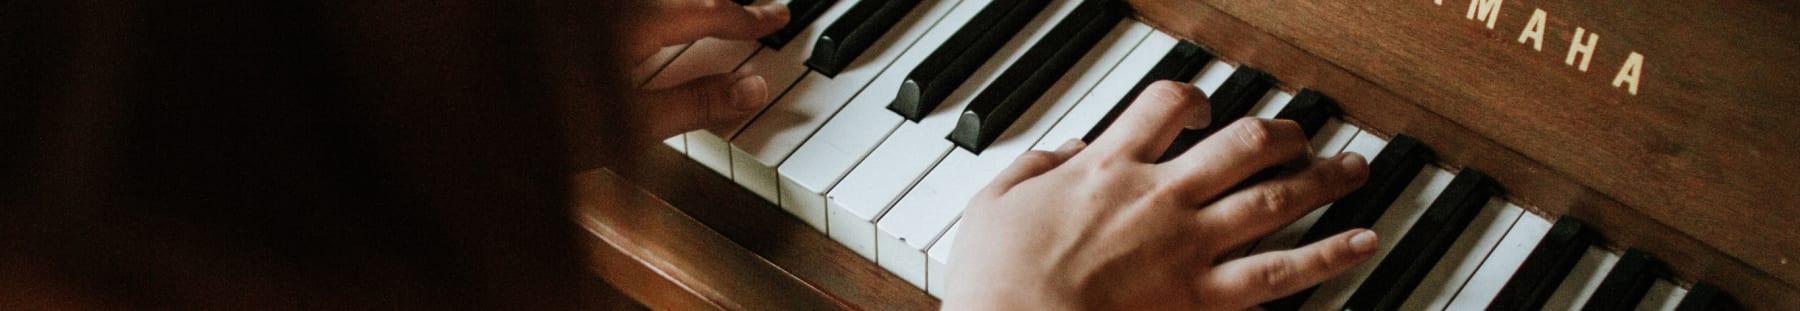 【神泉駅】ピアノ演奏向けレンタルスタジオを検索・予約